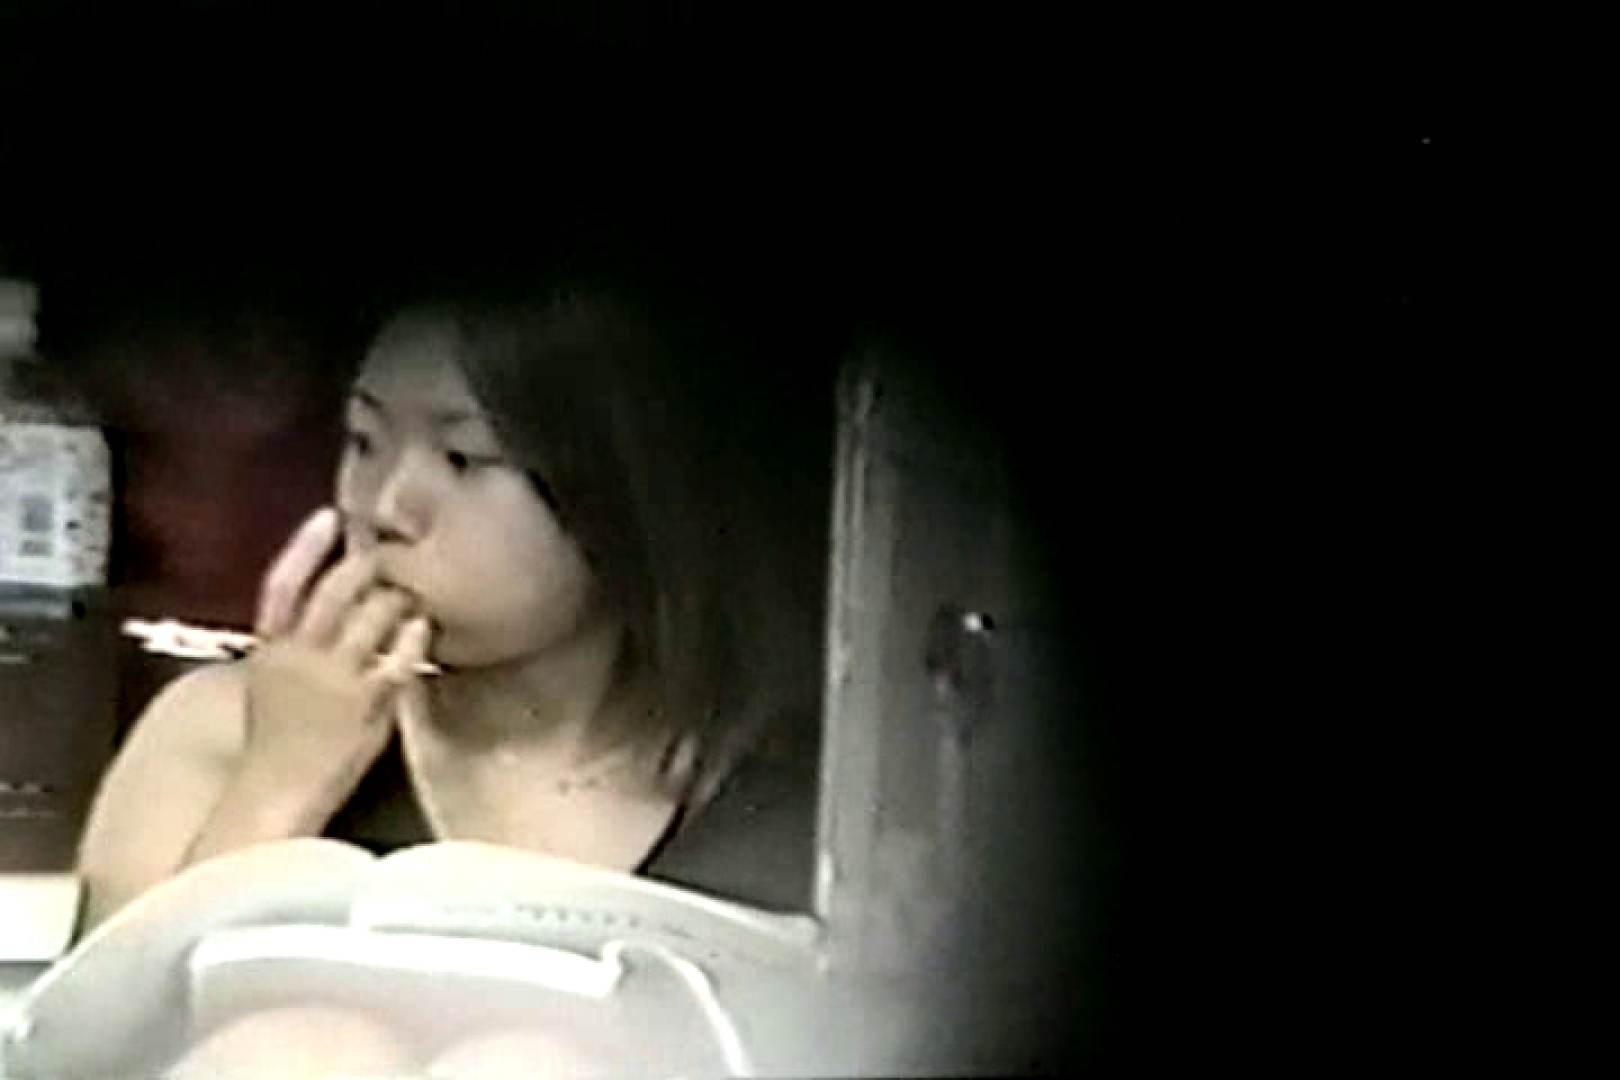 深夜の撮影会Vol.6 OLセックス 盗撮AV動画キャプチャ 88画像 82